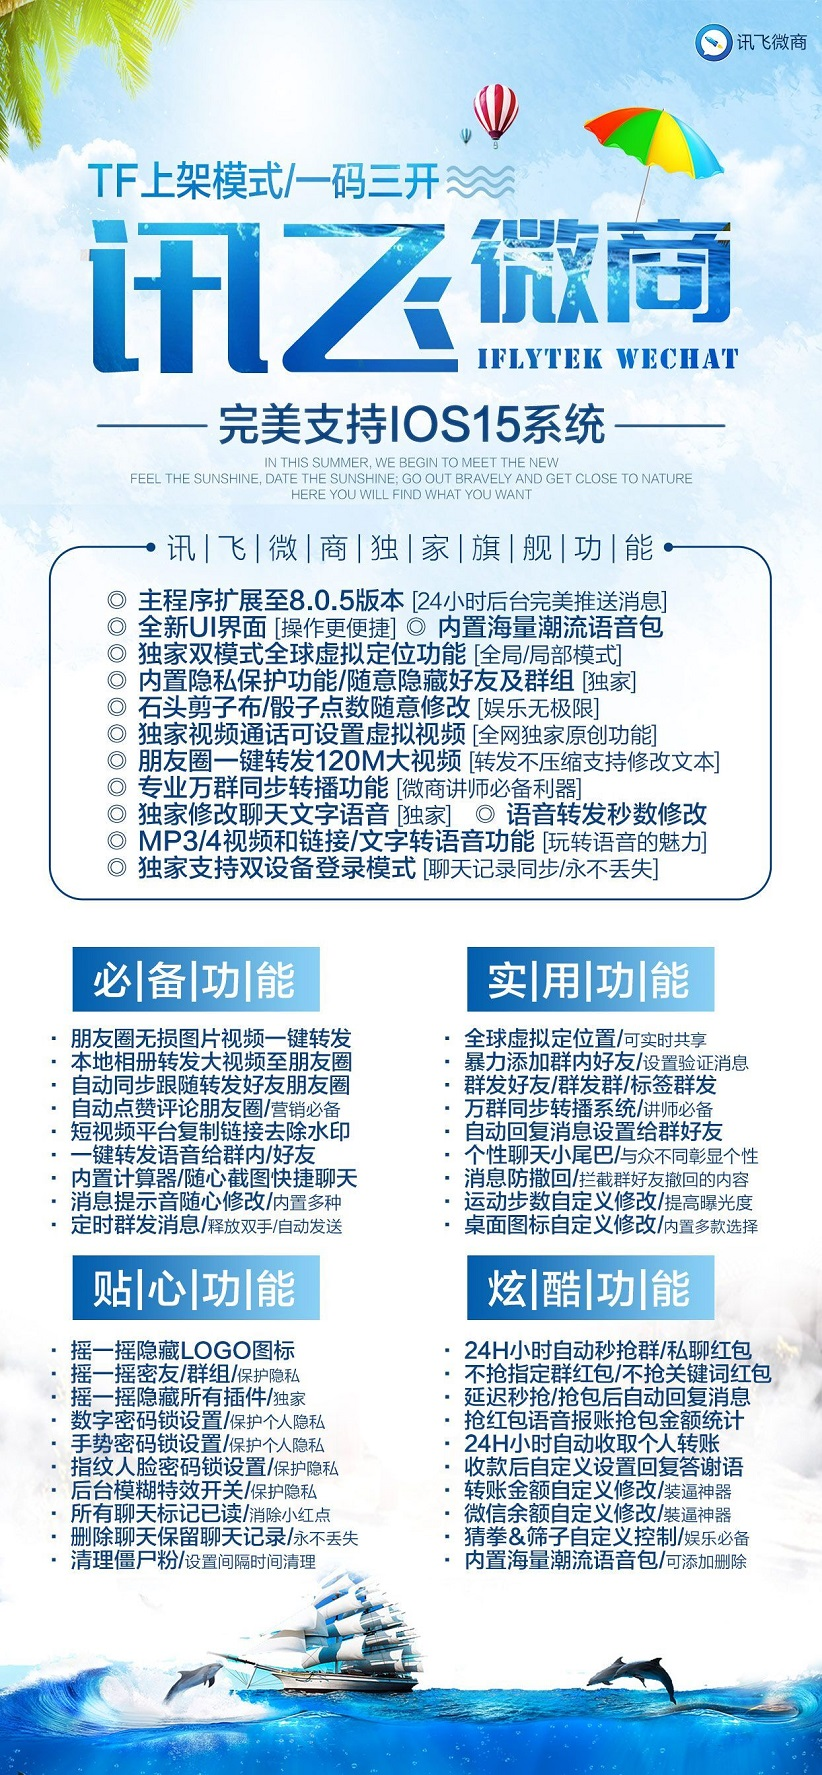 本站主推【苹果讯飞】独家高端双开-稳定下载-长期更新维护